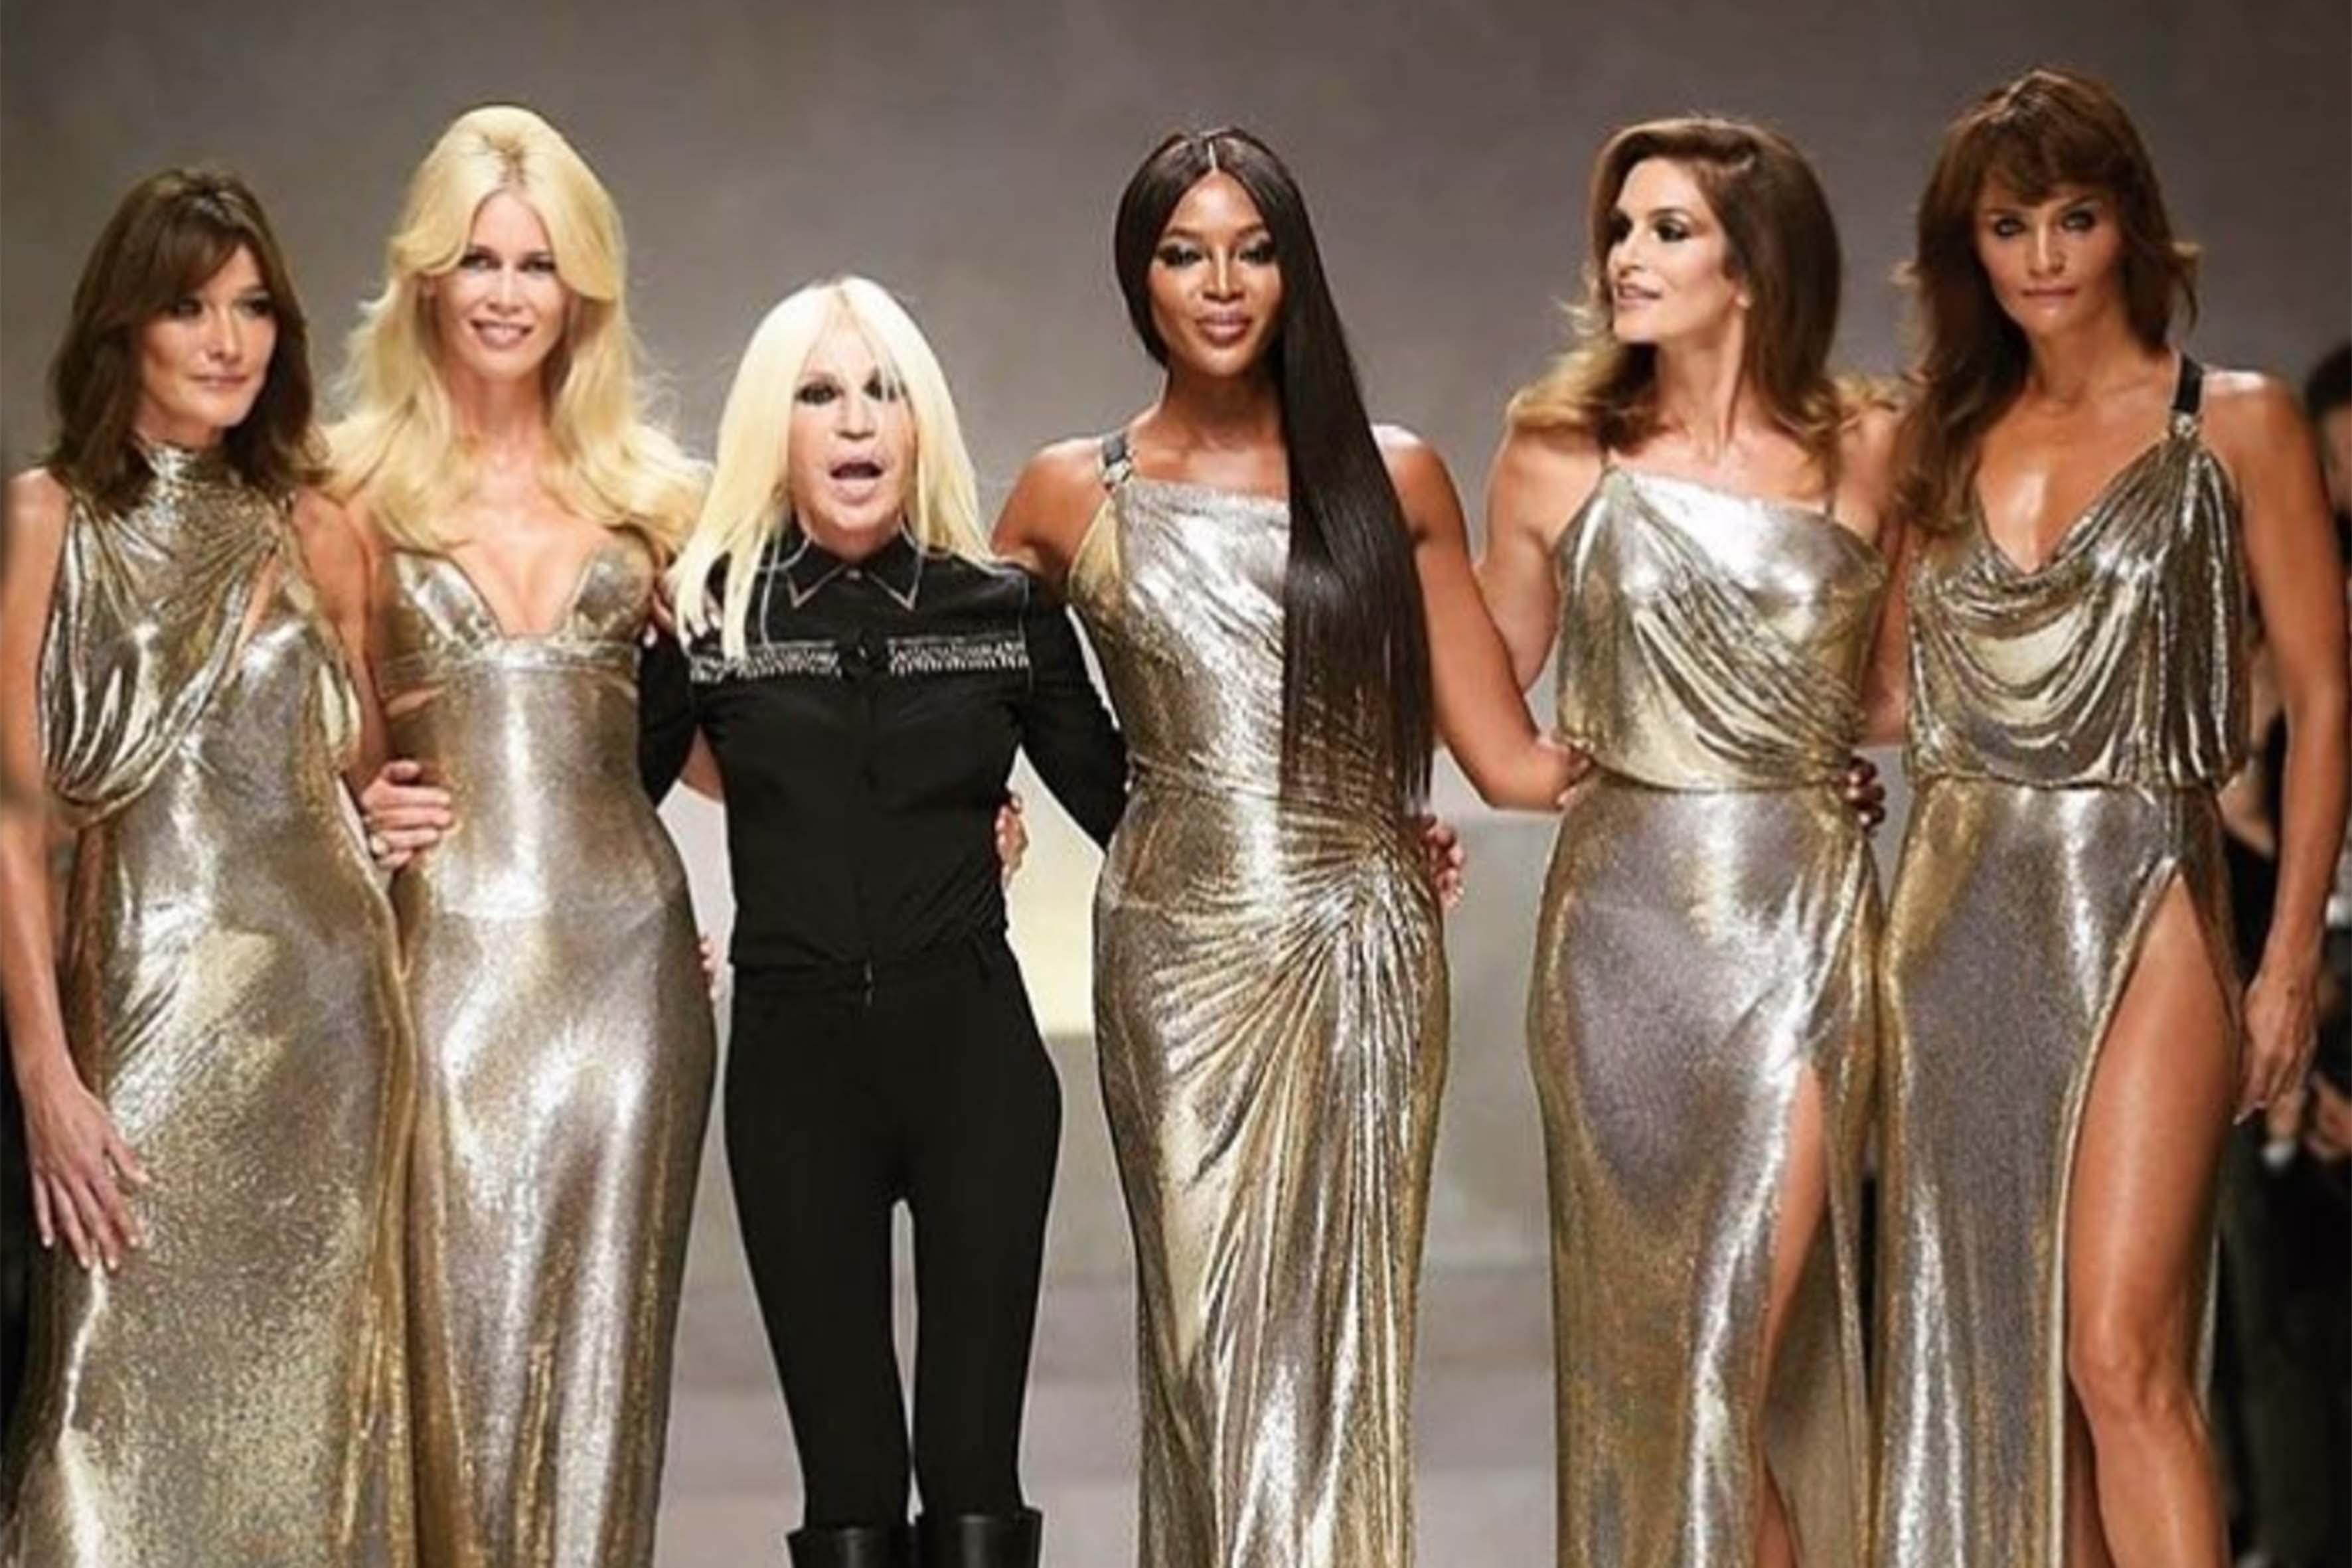 Donatella Versace a settembre ha celebrato il fratello Gianni, a 20 anni dalla morte, mandando in passerella le grandi top del passato: Claudia Schiffer, Naomi Campbell, Carla Bruni e Cindy Crawford